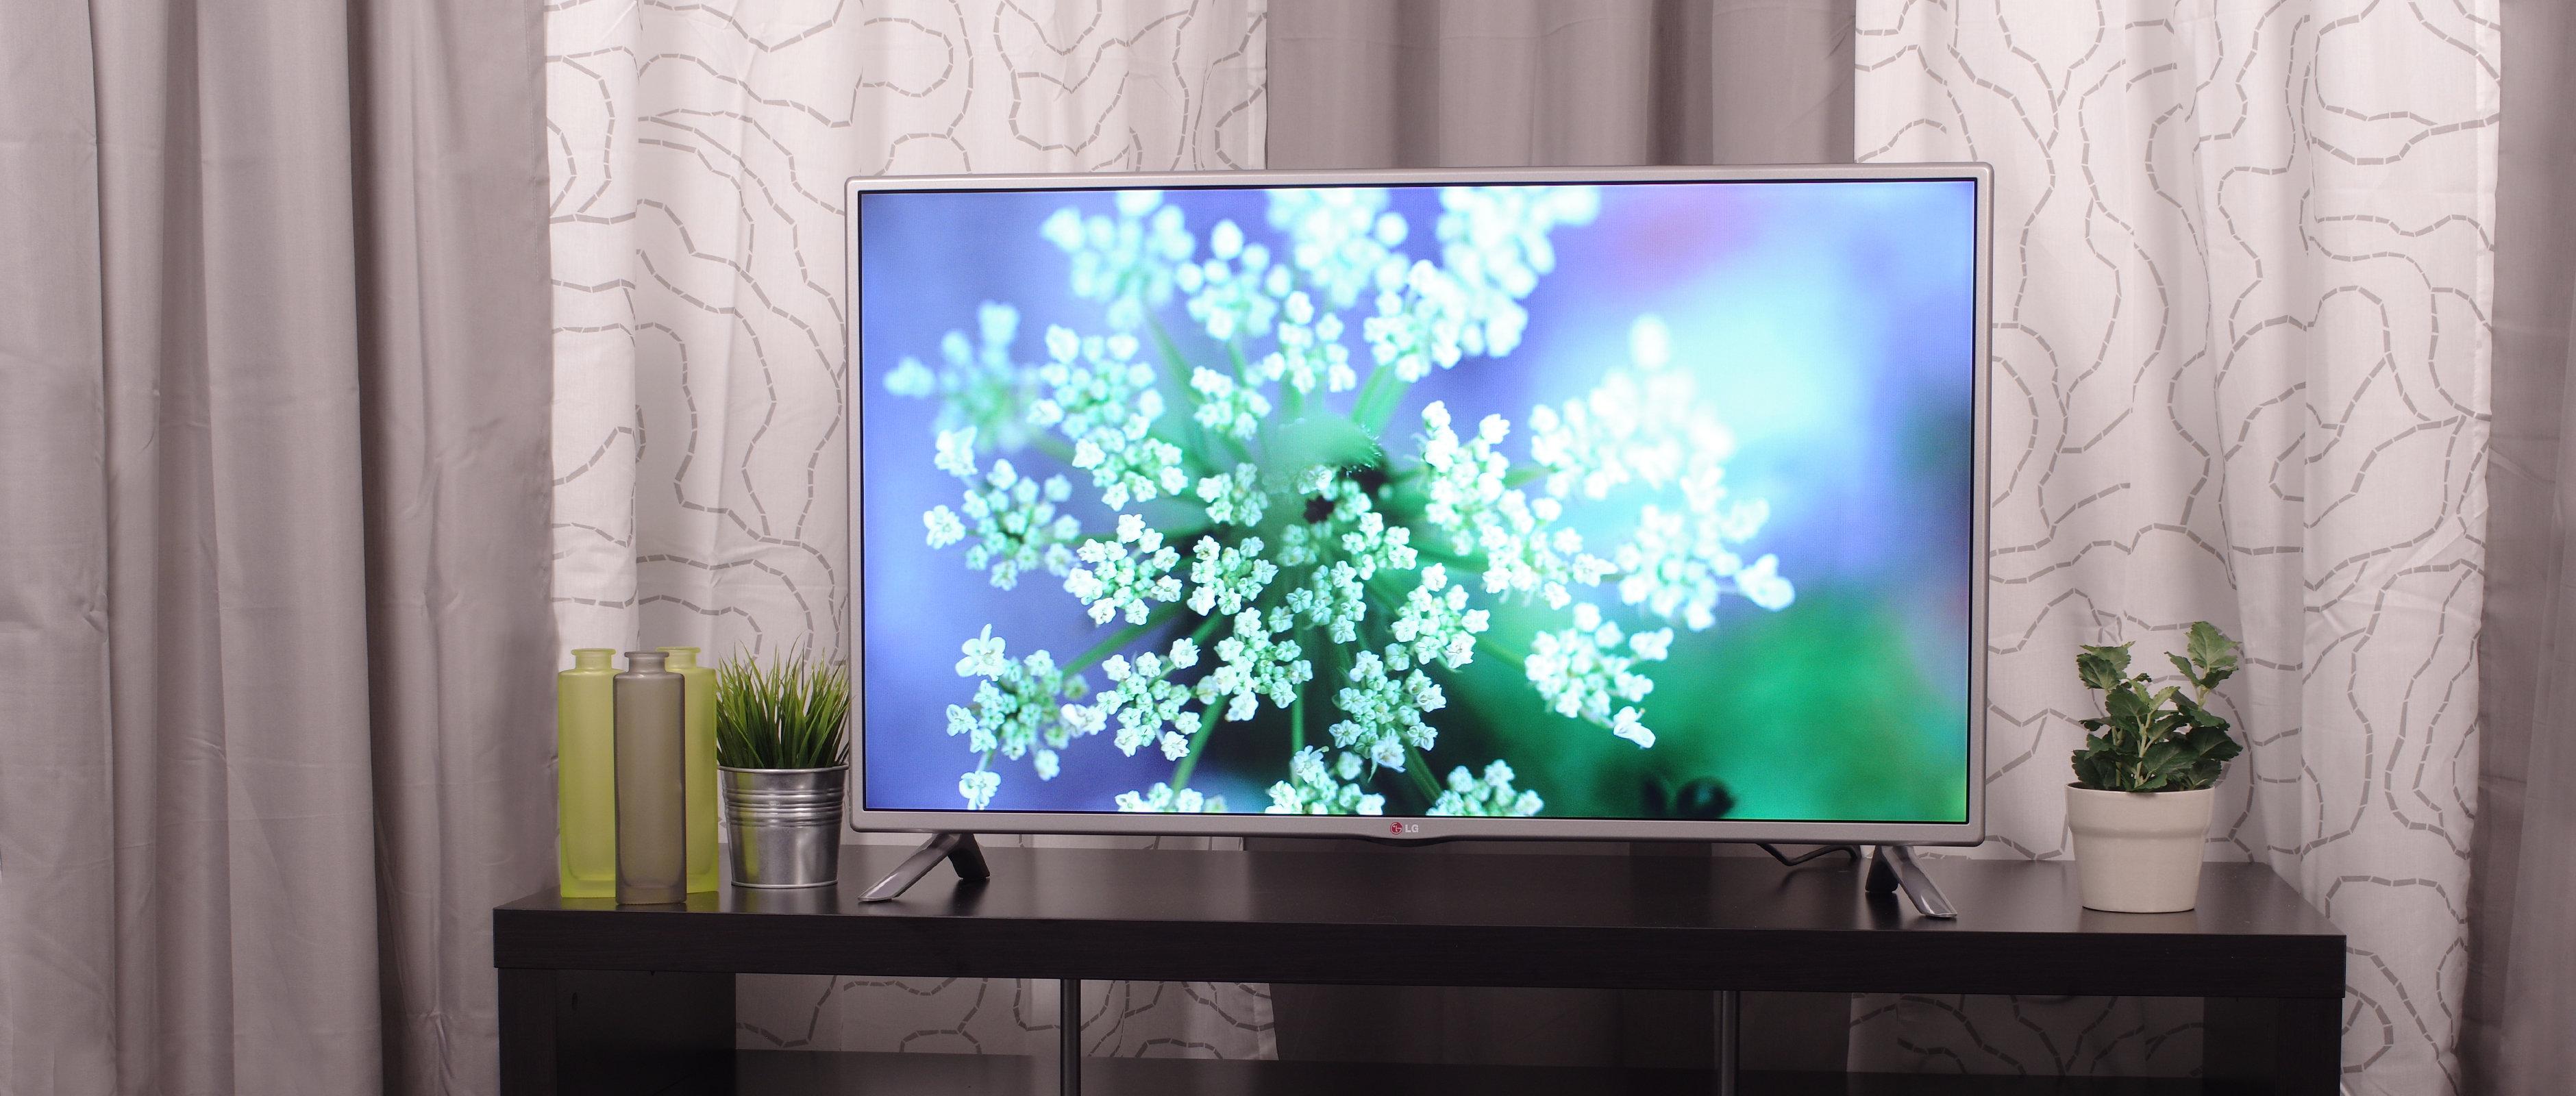 The LG 42LB5800 LED LCD TV